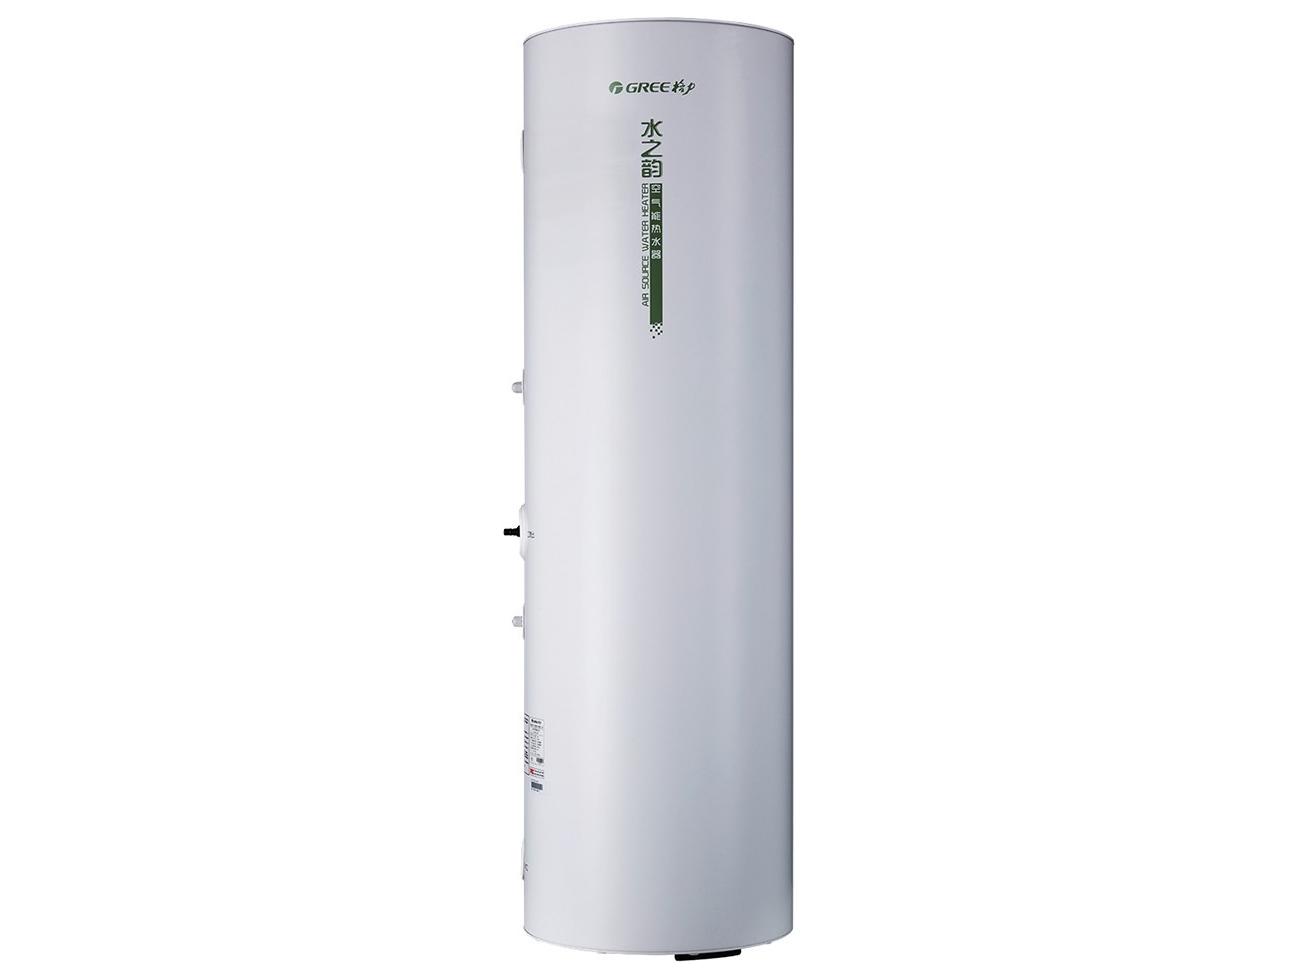 格力水之韵空气能热水器 200L 时尚素雅 智能防腐 SXT200LCJW/B顶(配KFRS-3.2J/A) 亮白